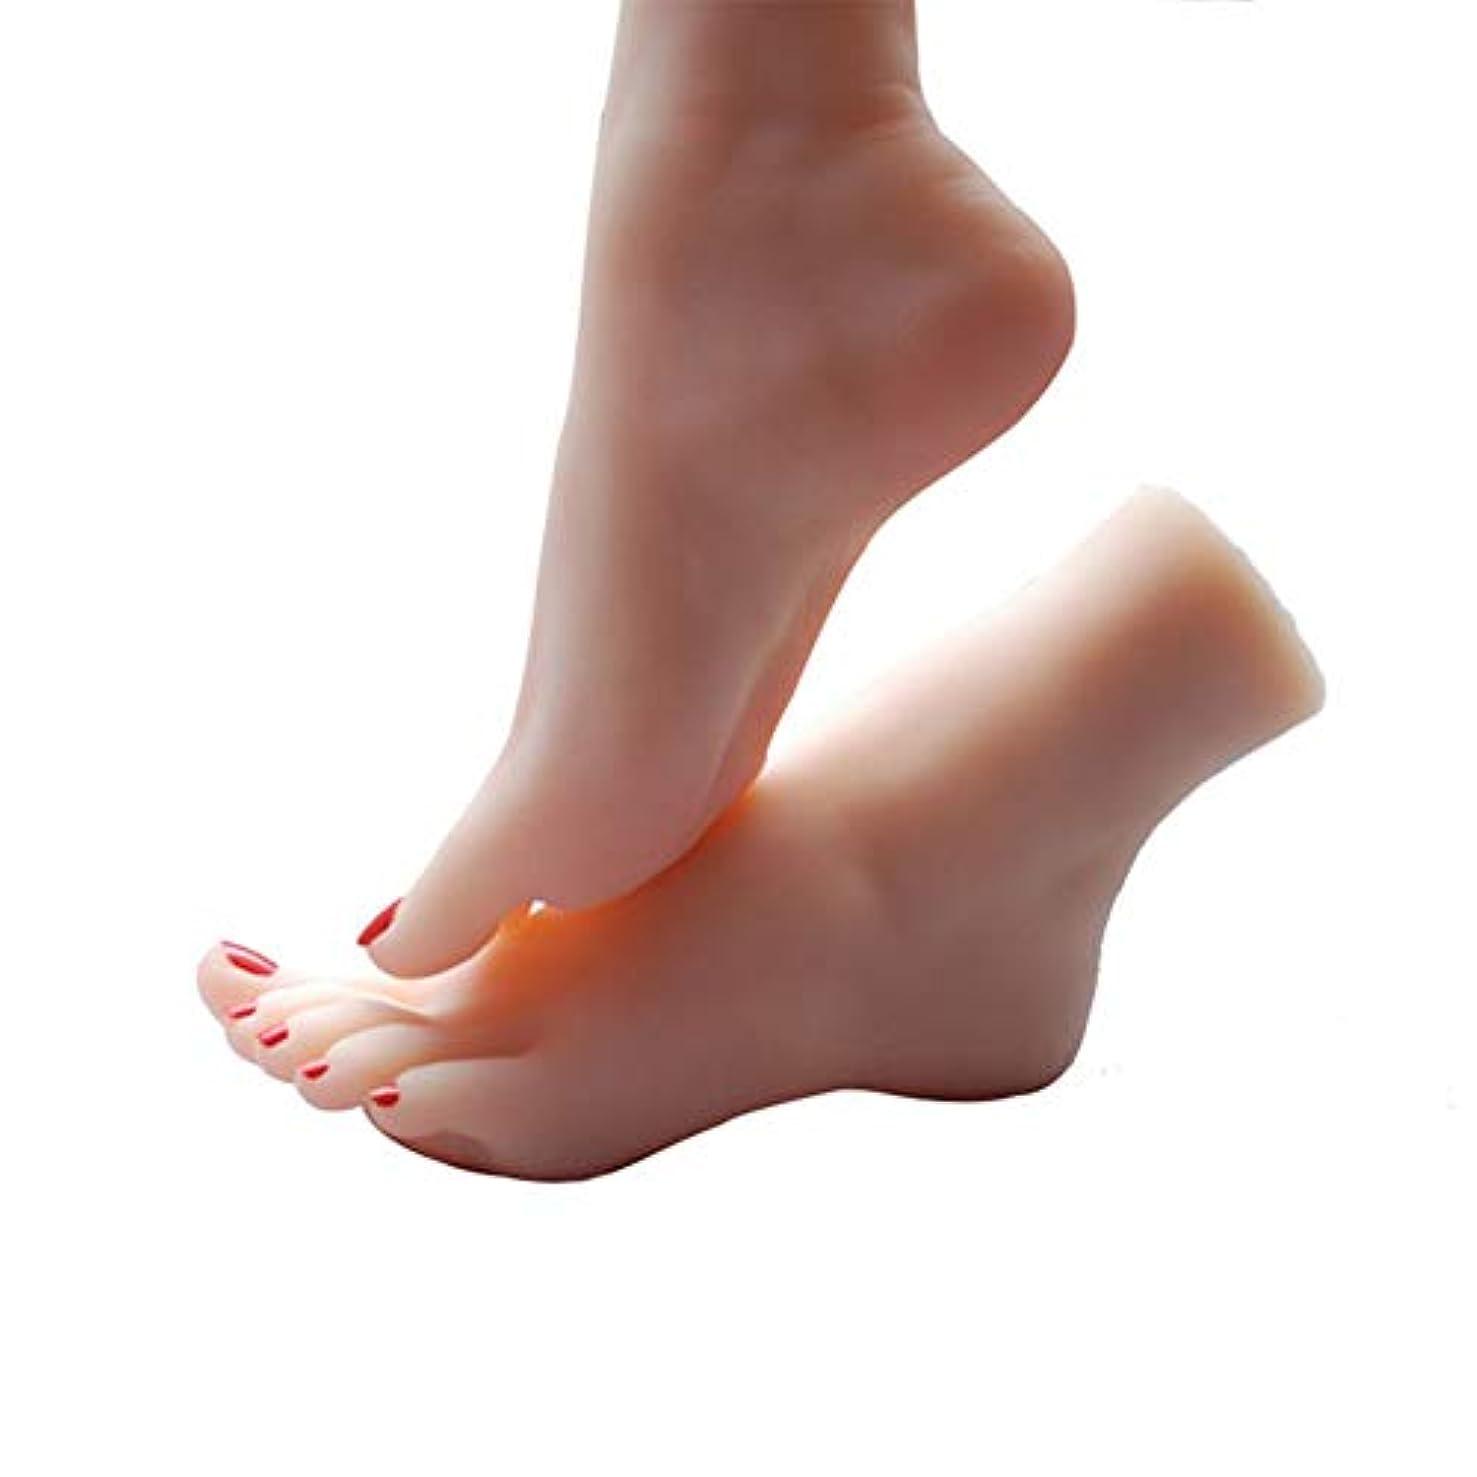 プロポーショナル新しい意味パウダースケッチネイルアートの練習ジュエリー靴ソックス表示(ペア)としてシリコーン女性の足のライフサイズマネキン